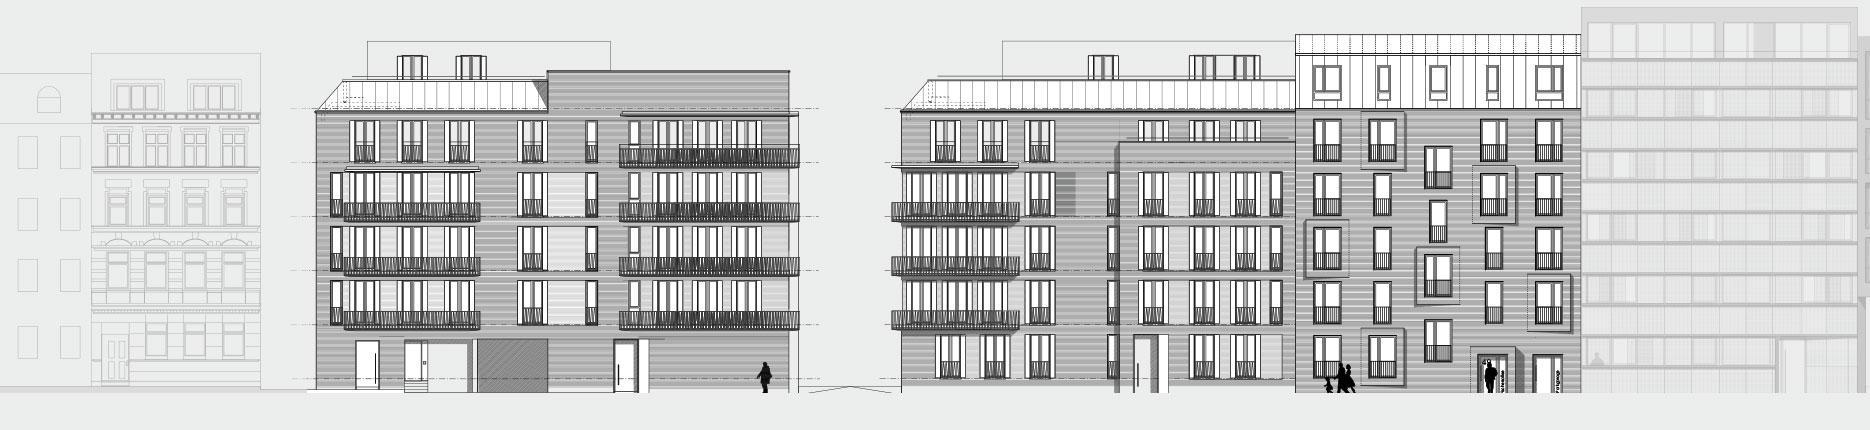 Architekturzeichnung - Diese Zeichnung zeigt ein Bauprojekt für Kapitalanleger in Hamburg Ottensen.